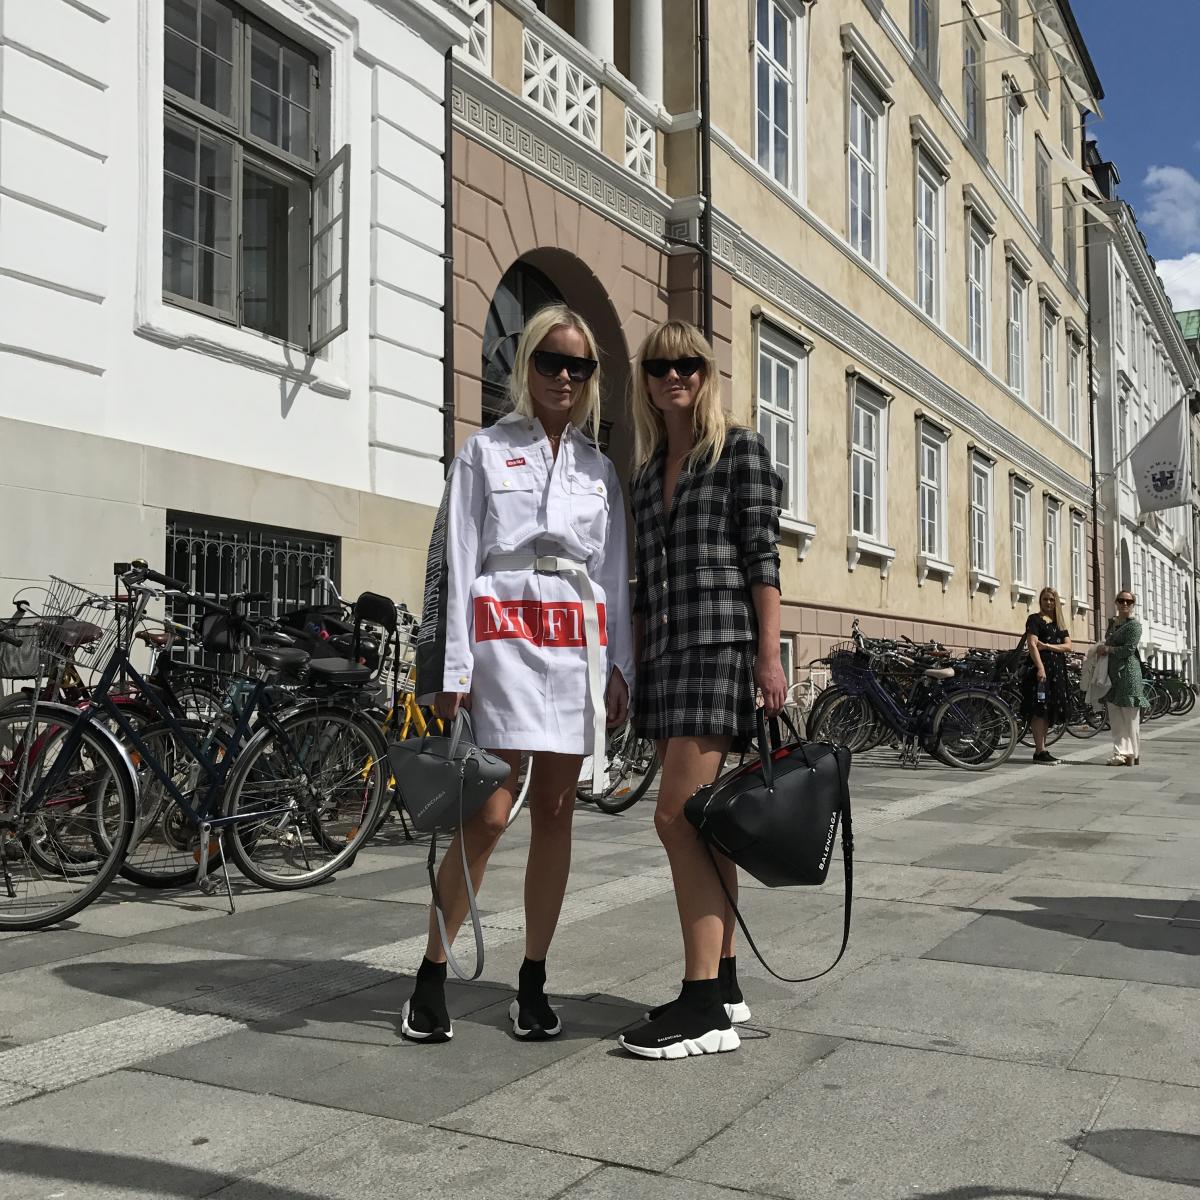 注目すべきはデンマーク『costume』誌のJanette MadsenとThora Valdimars。今回はバレンシアガや現地の人気ラッパーによるブランド「muff10」のツインルックで登場。